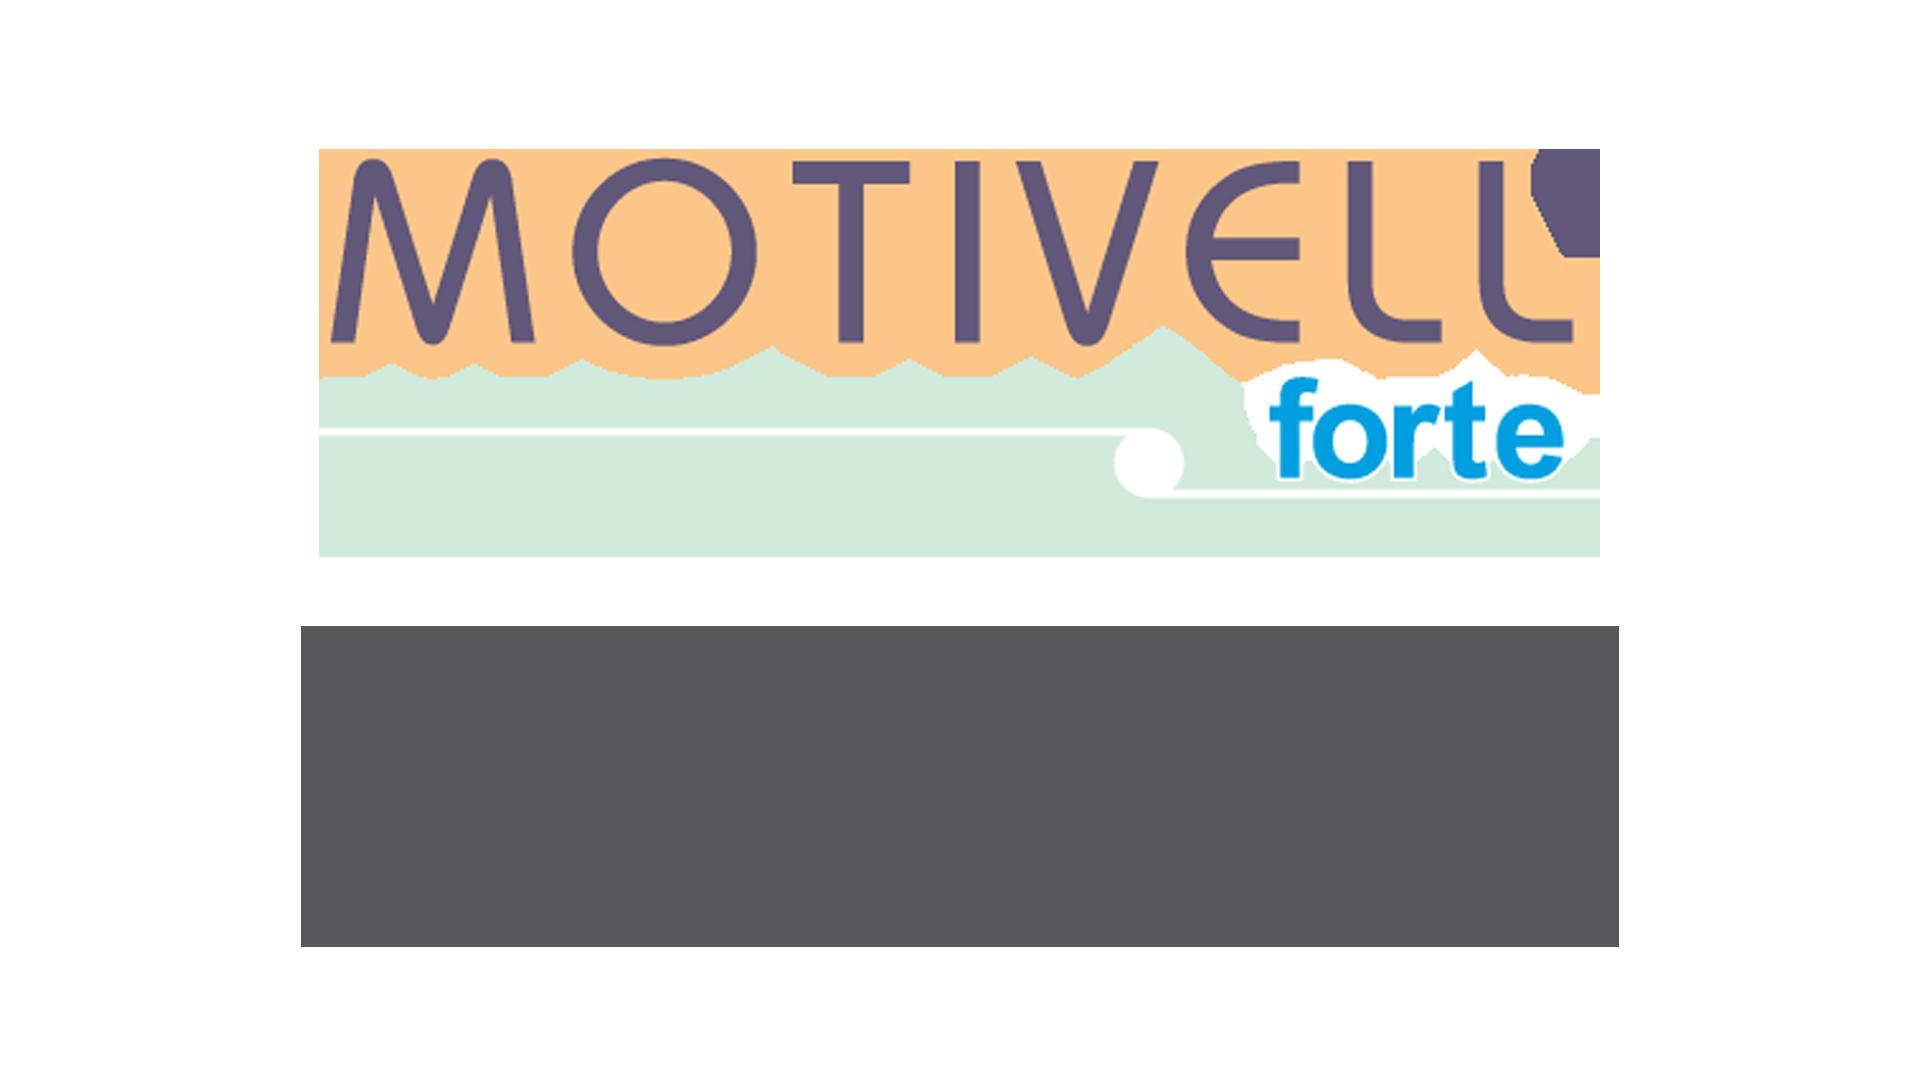 Verlängerung der Zulassungen von Motivell Forte und Netzschwefel Stulln